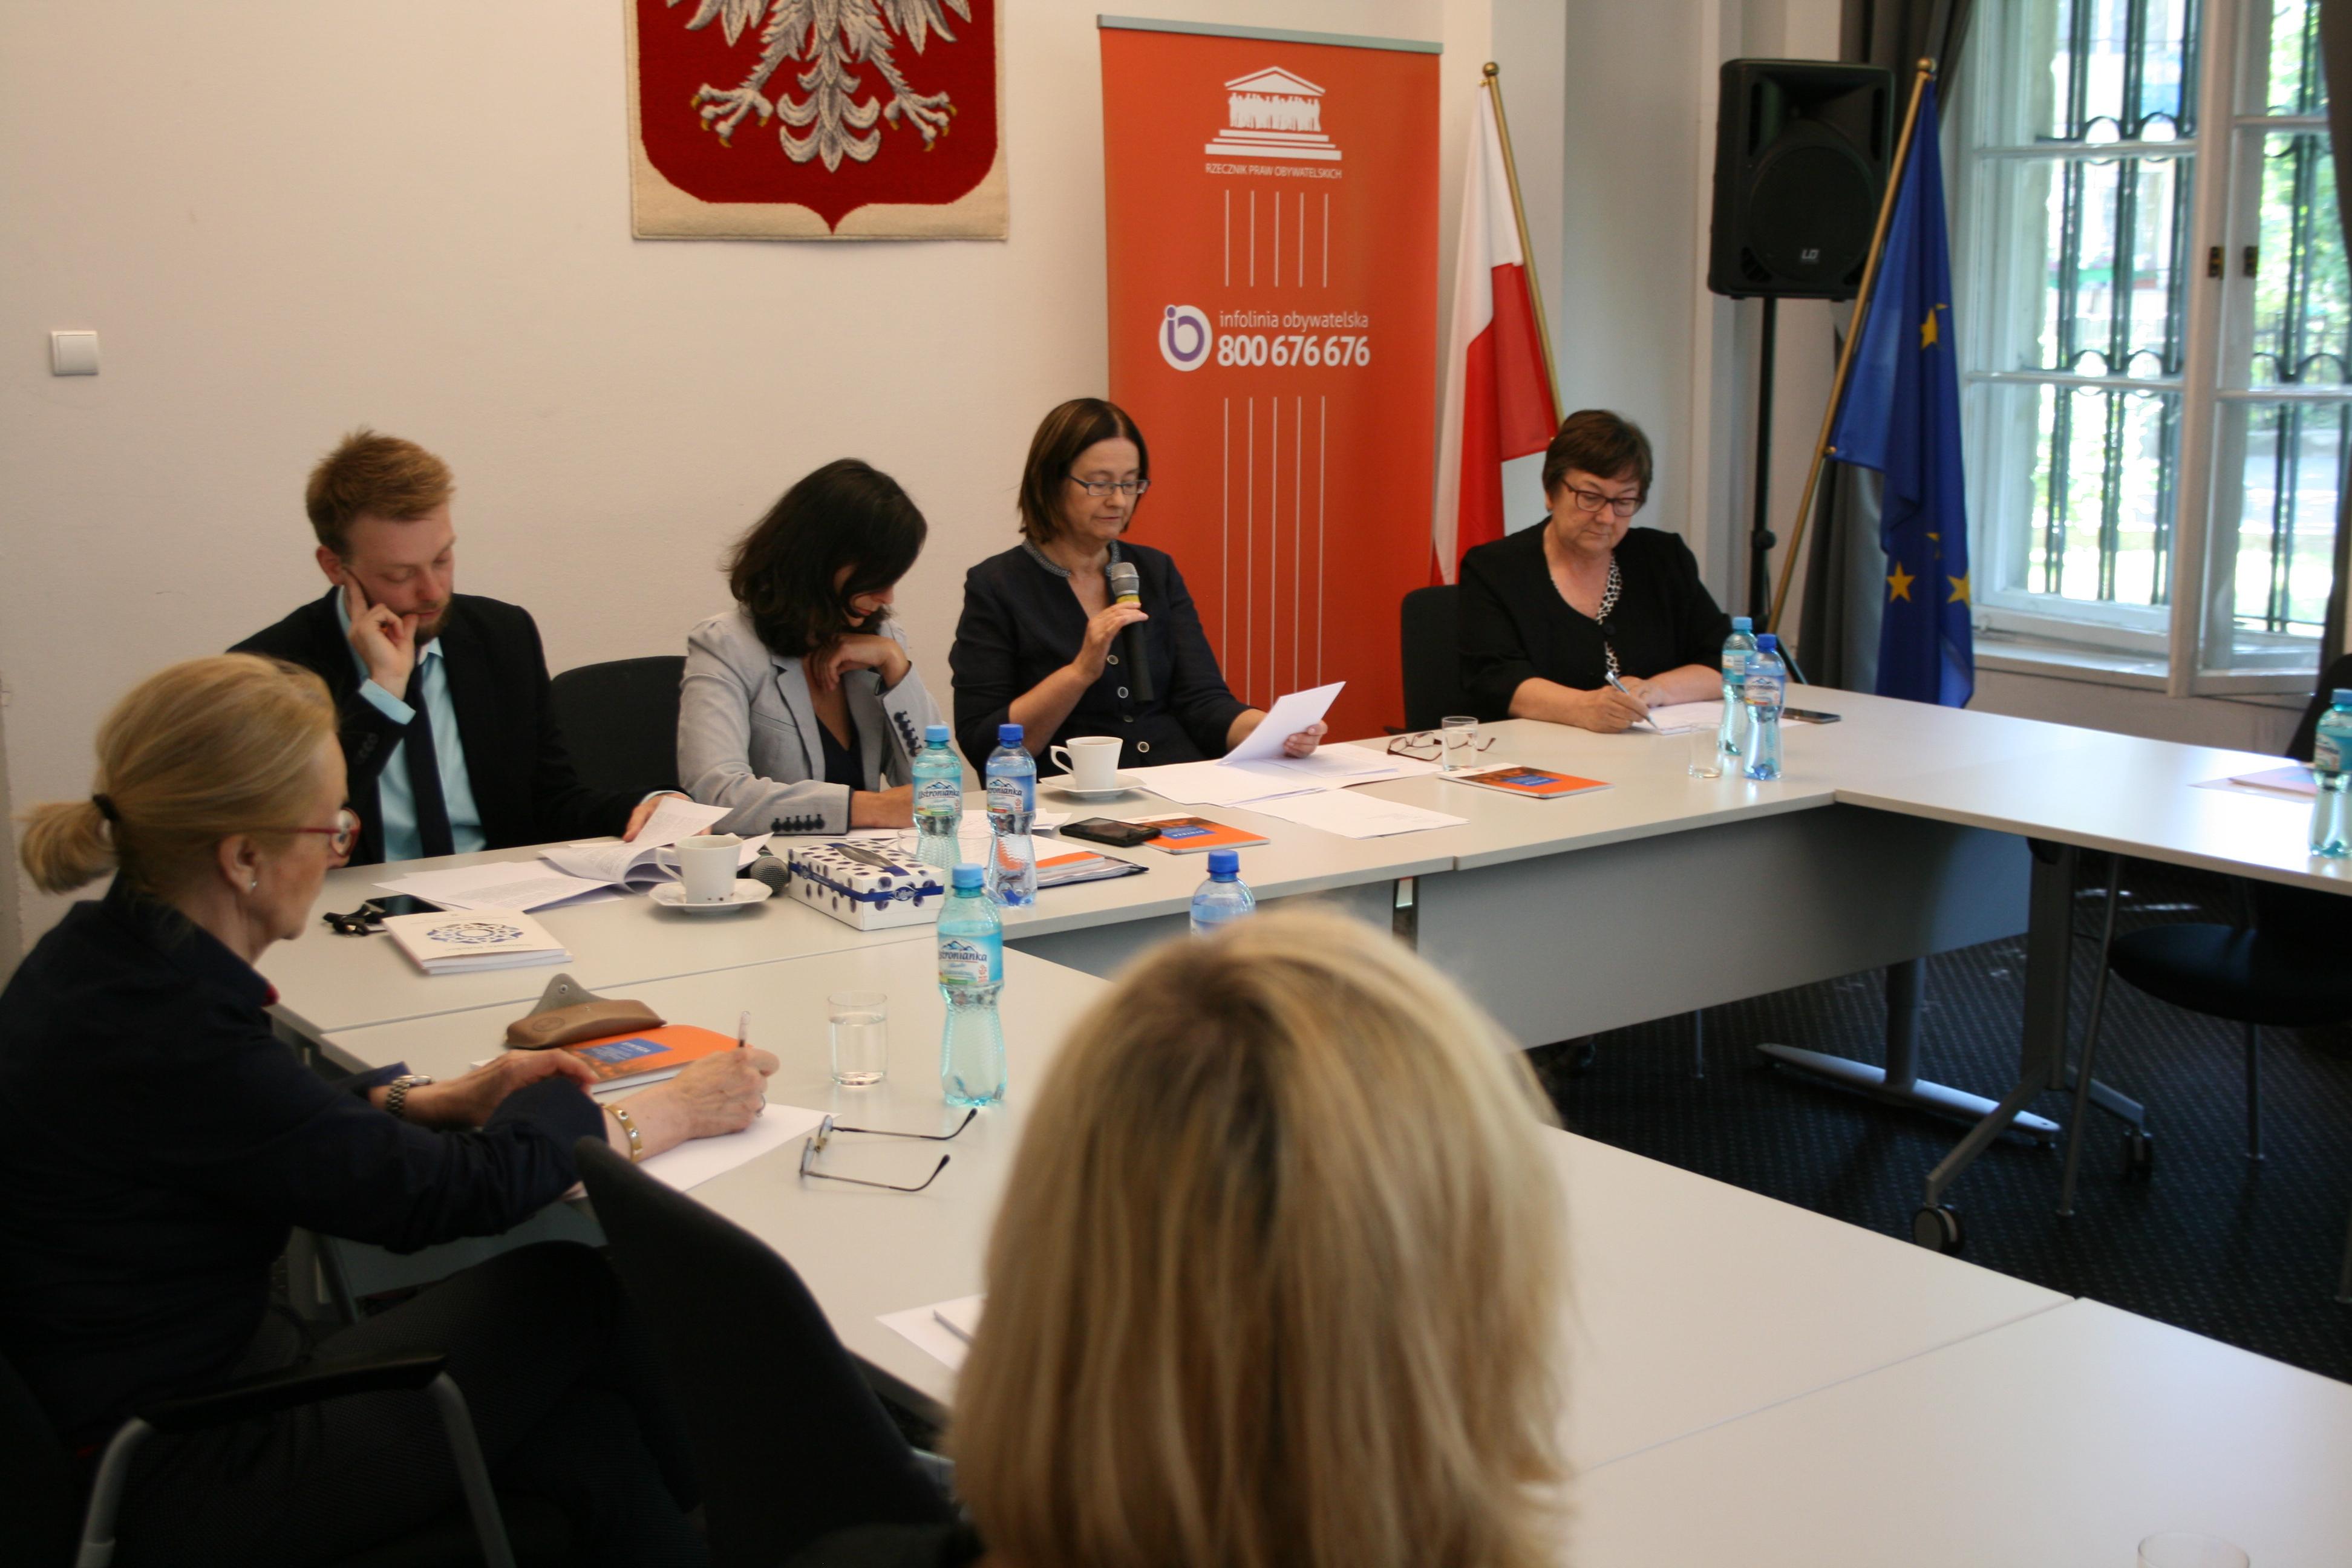 Na zdjęciu członkowie komisji